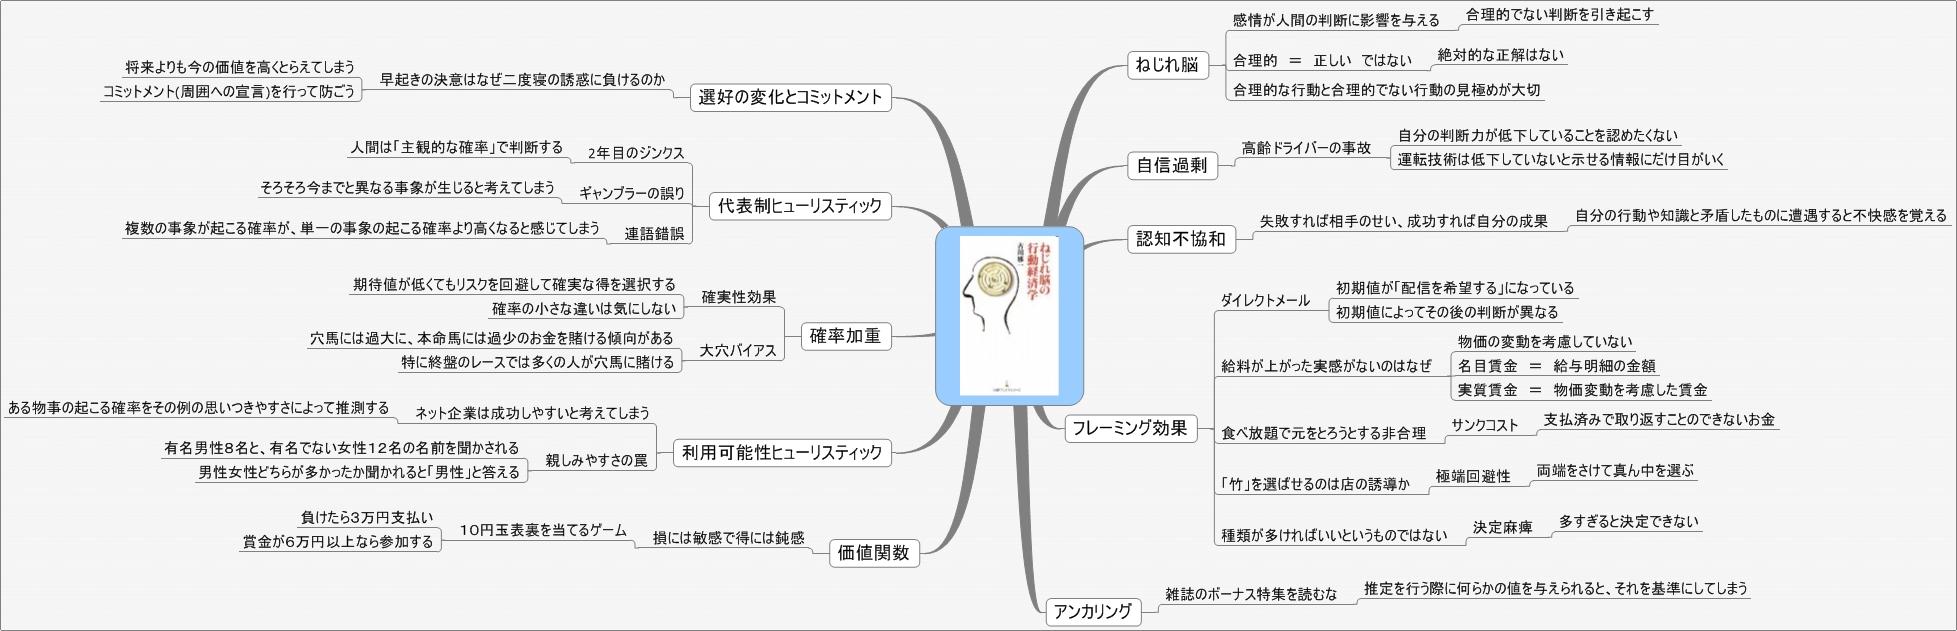 ねじれ脳の行動経済学.jpeg